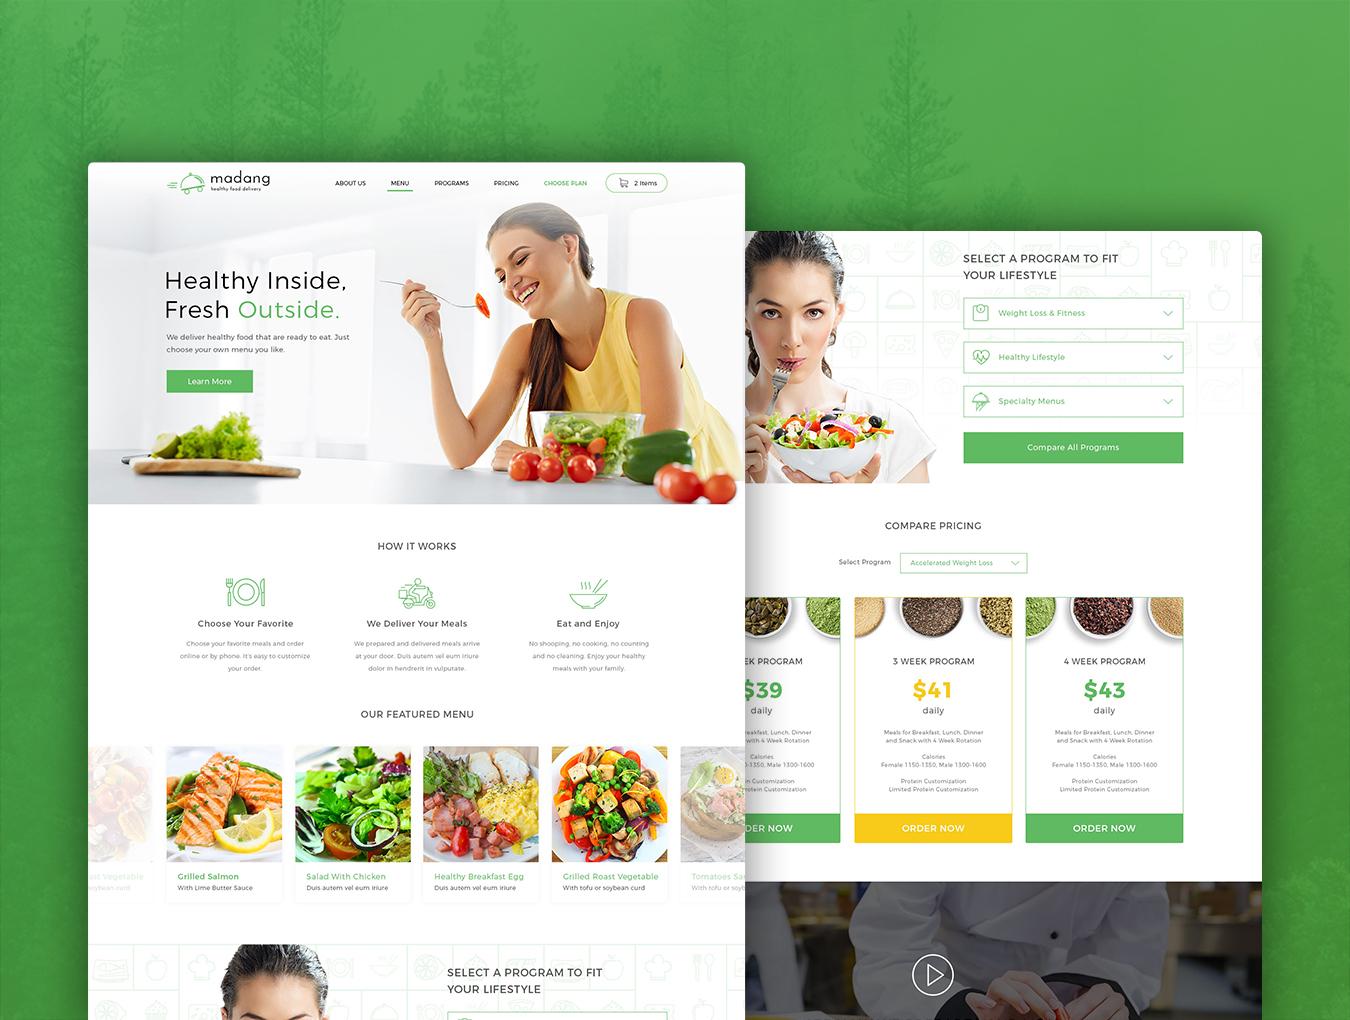 完整的美食健康快递类网页模板素材.psd素材下载 网页模板-第1张